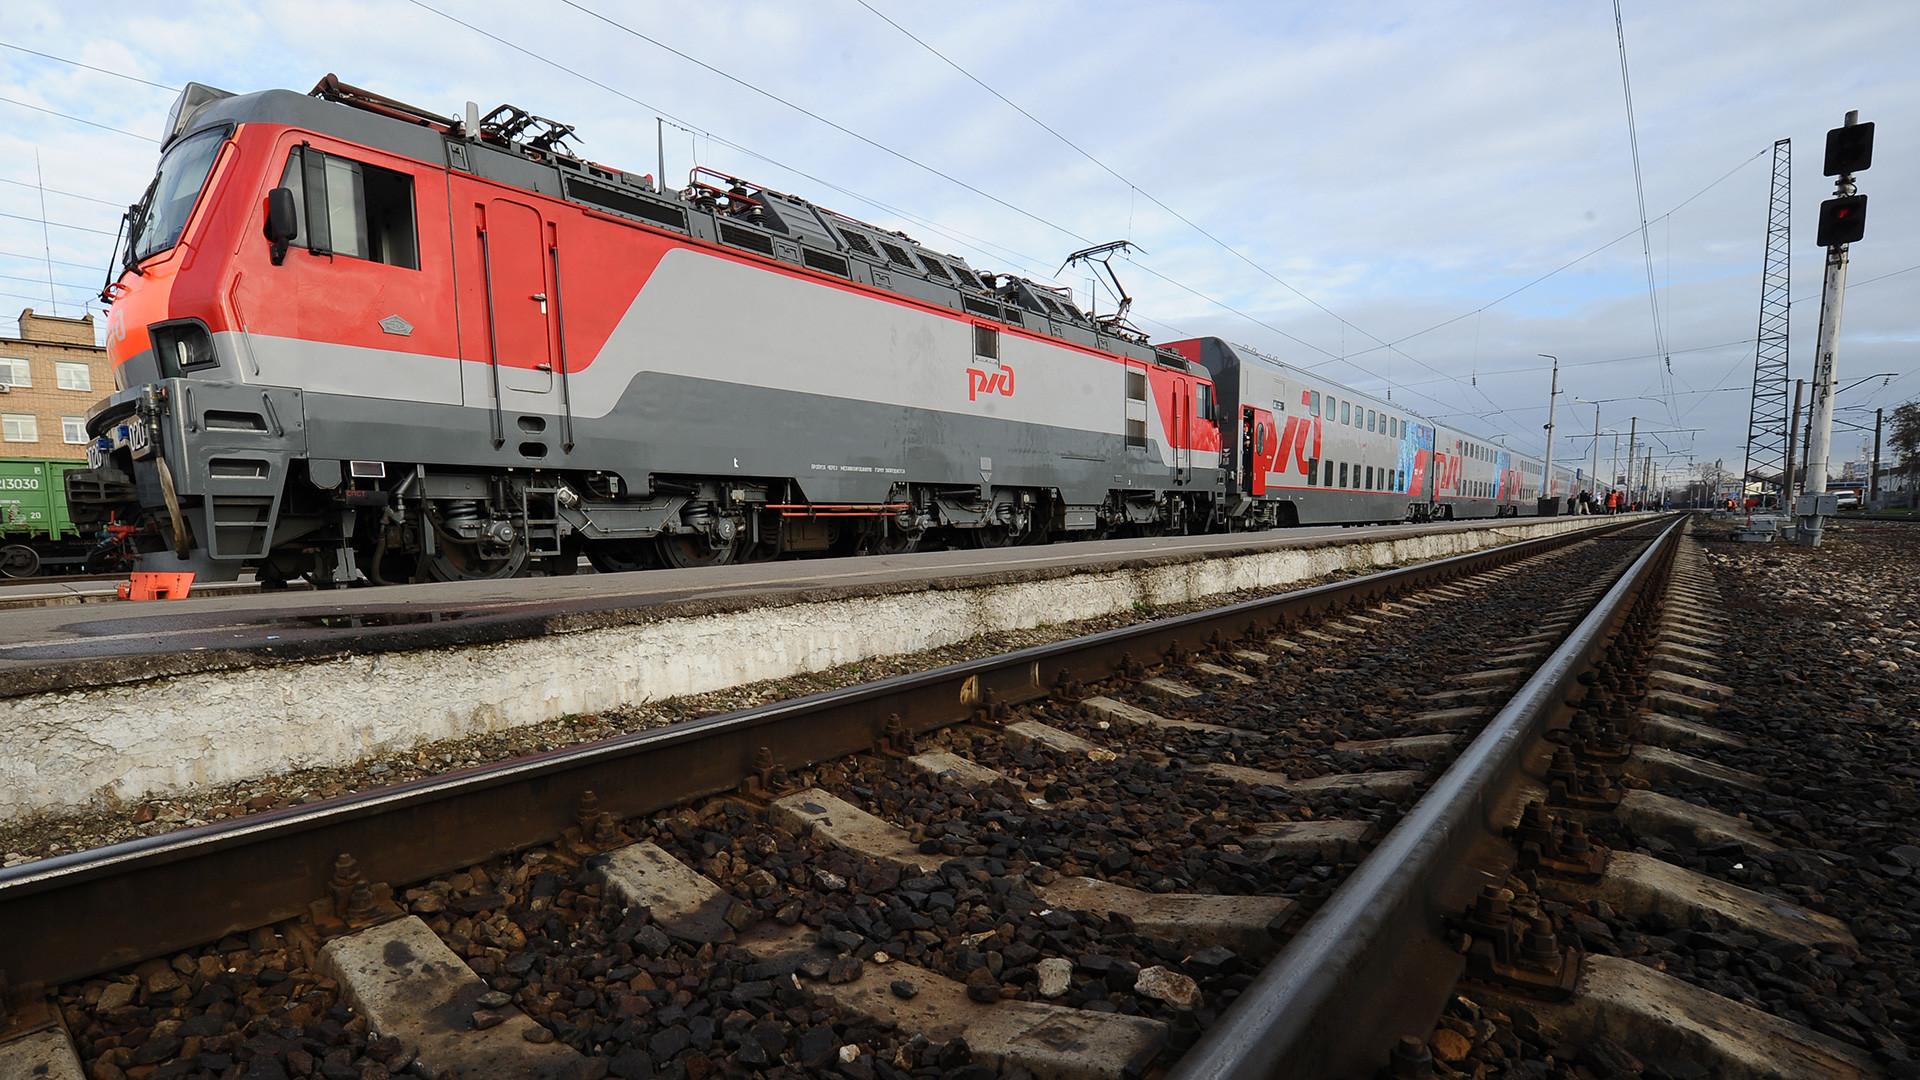 Prvi ruski dvonadstropni potniški vagon odhaja s Kazanske železniške postaje proti kraju Adler v predmestju Sočija.